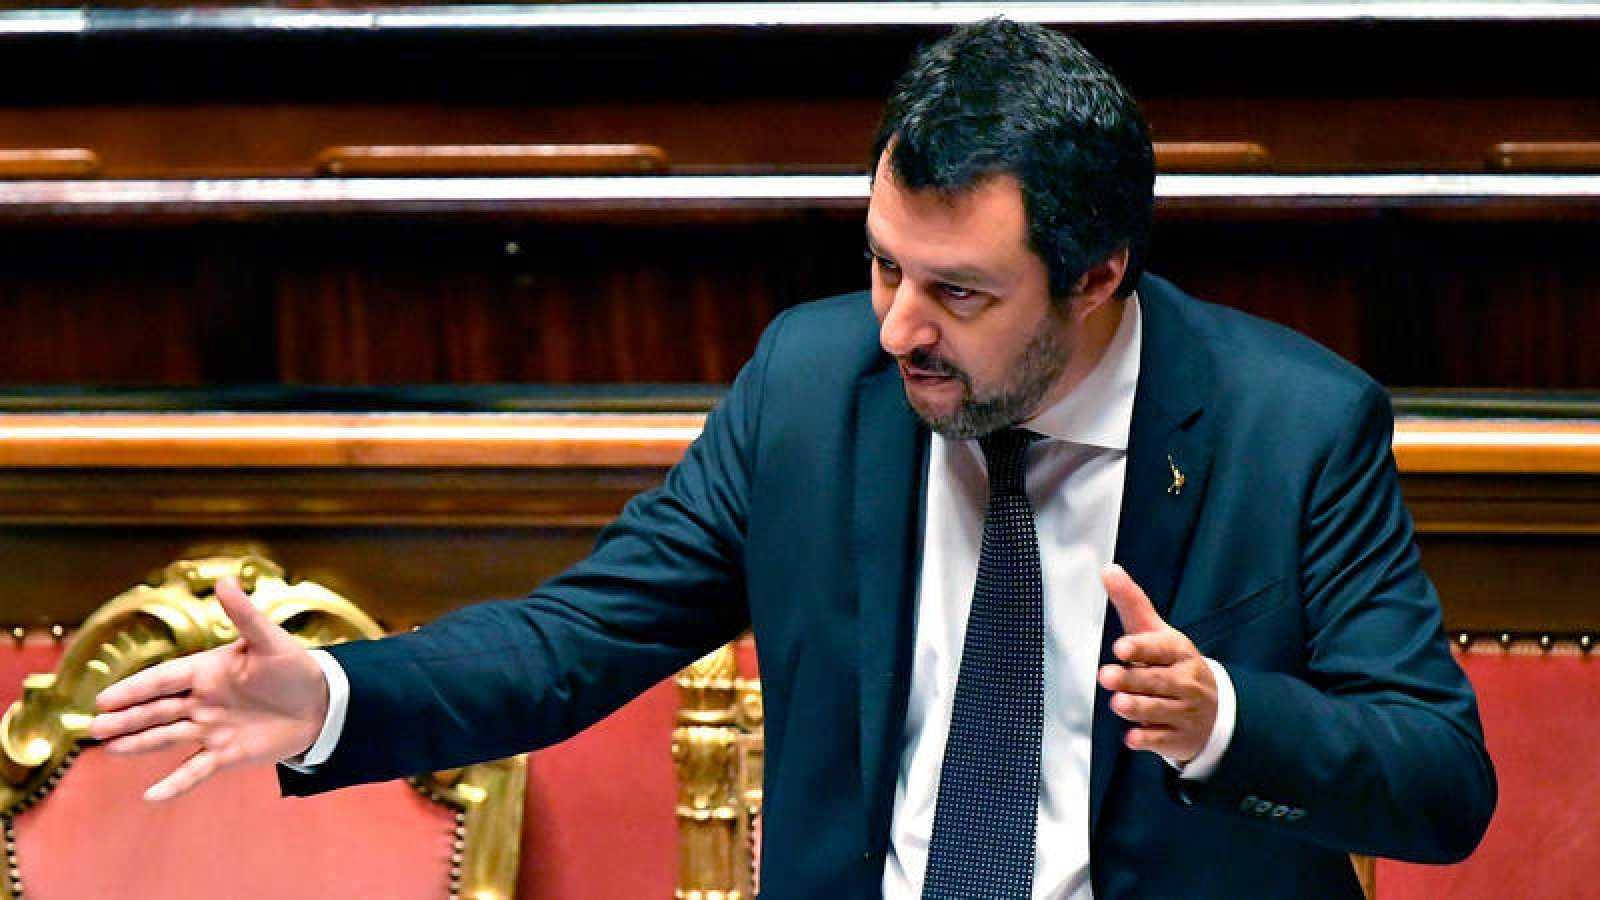 El vicepresidente y ministro de Interior de Italia, Matteo Salvini, habla sobre el Aquarius en el Senado